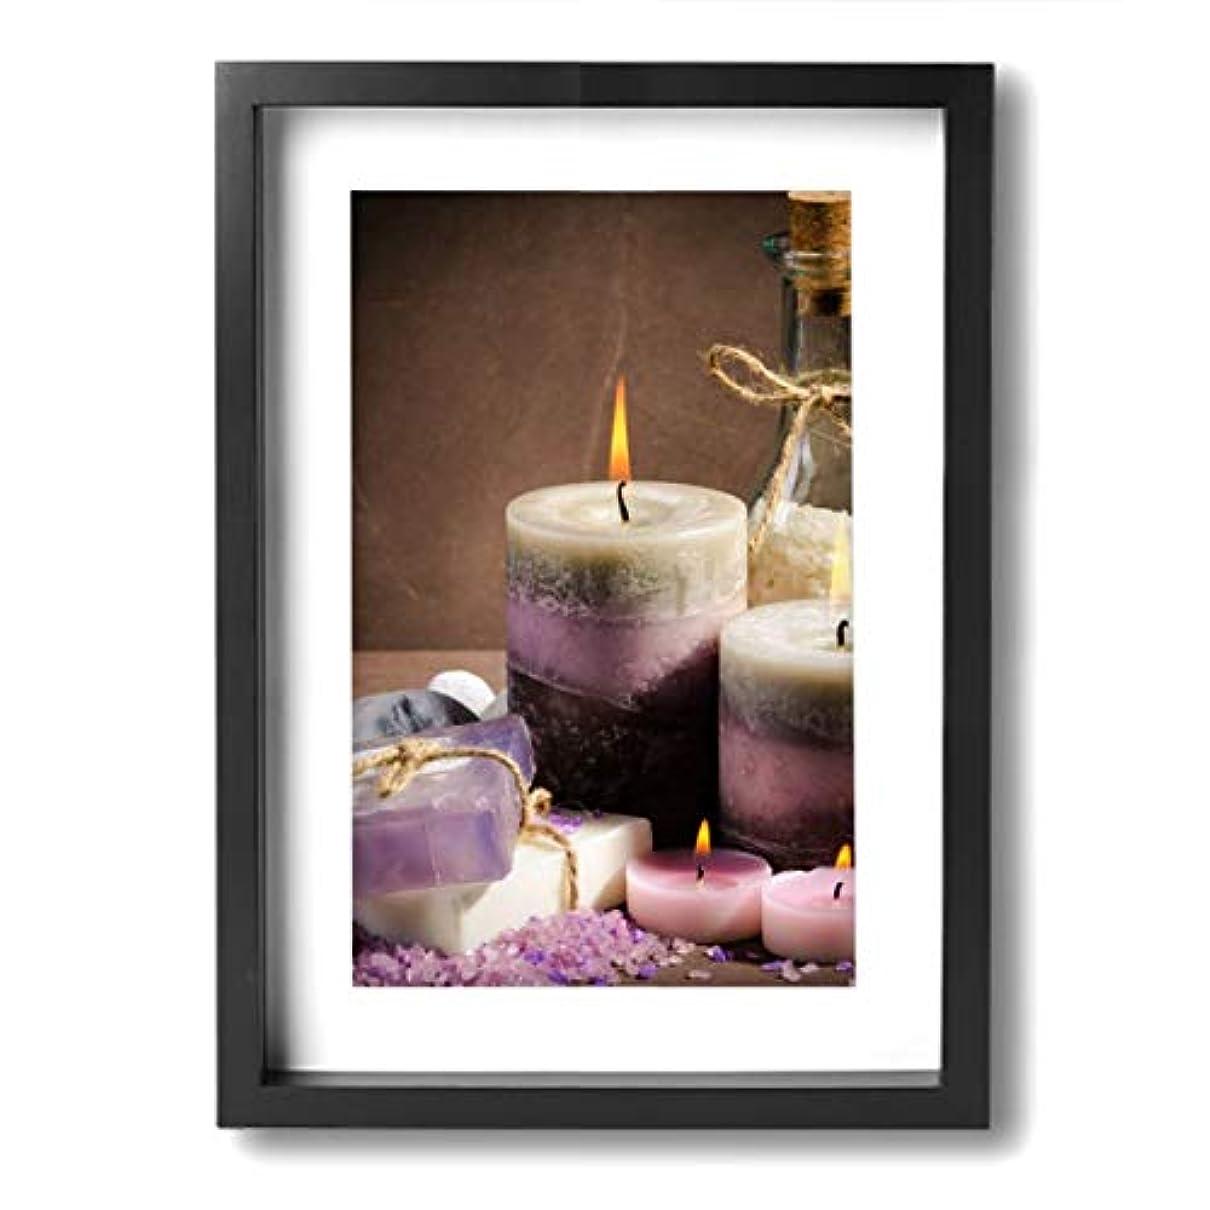 レトルトパトロール参加者魅力的な芸術 20x30cm Spa Purple Color Candle Oil キャンバスの壁アート 画像プリント絵画リビングルームの壁の装飾と家の装飾のための現代アートワークハングする準備ができて